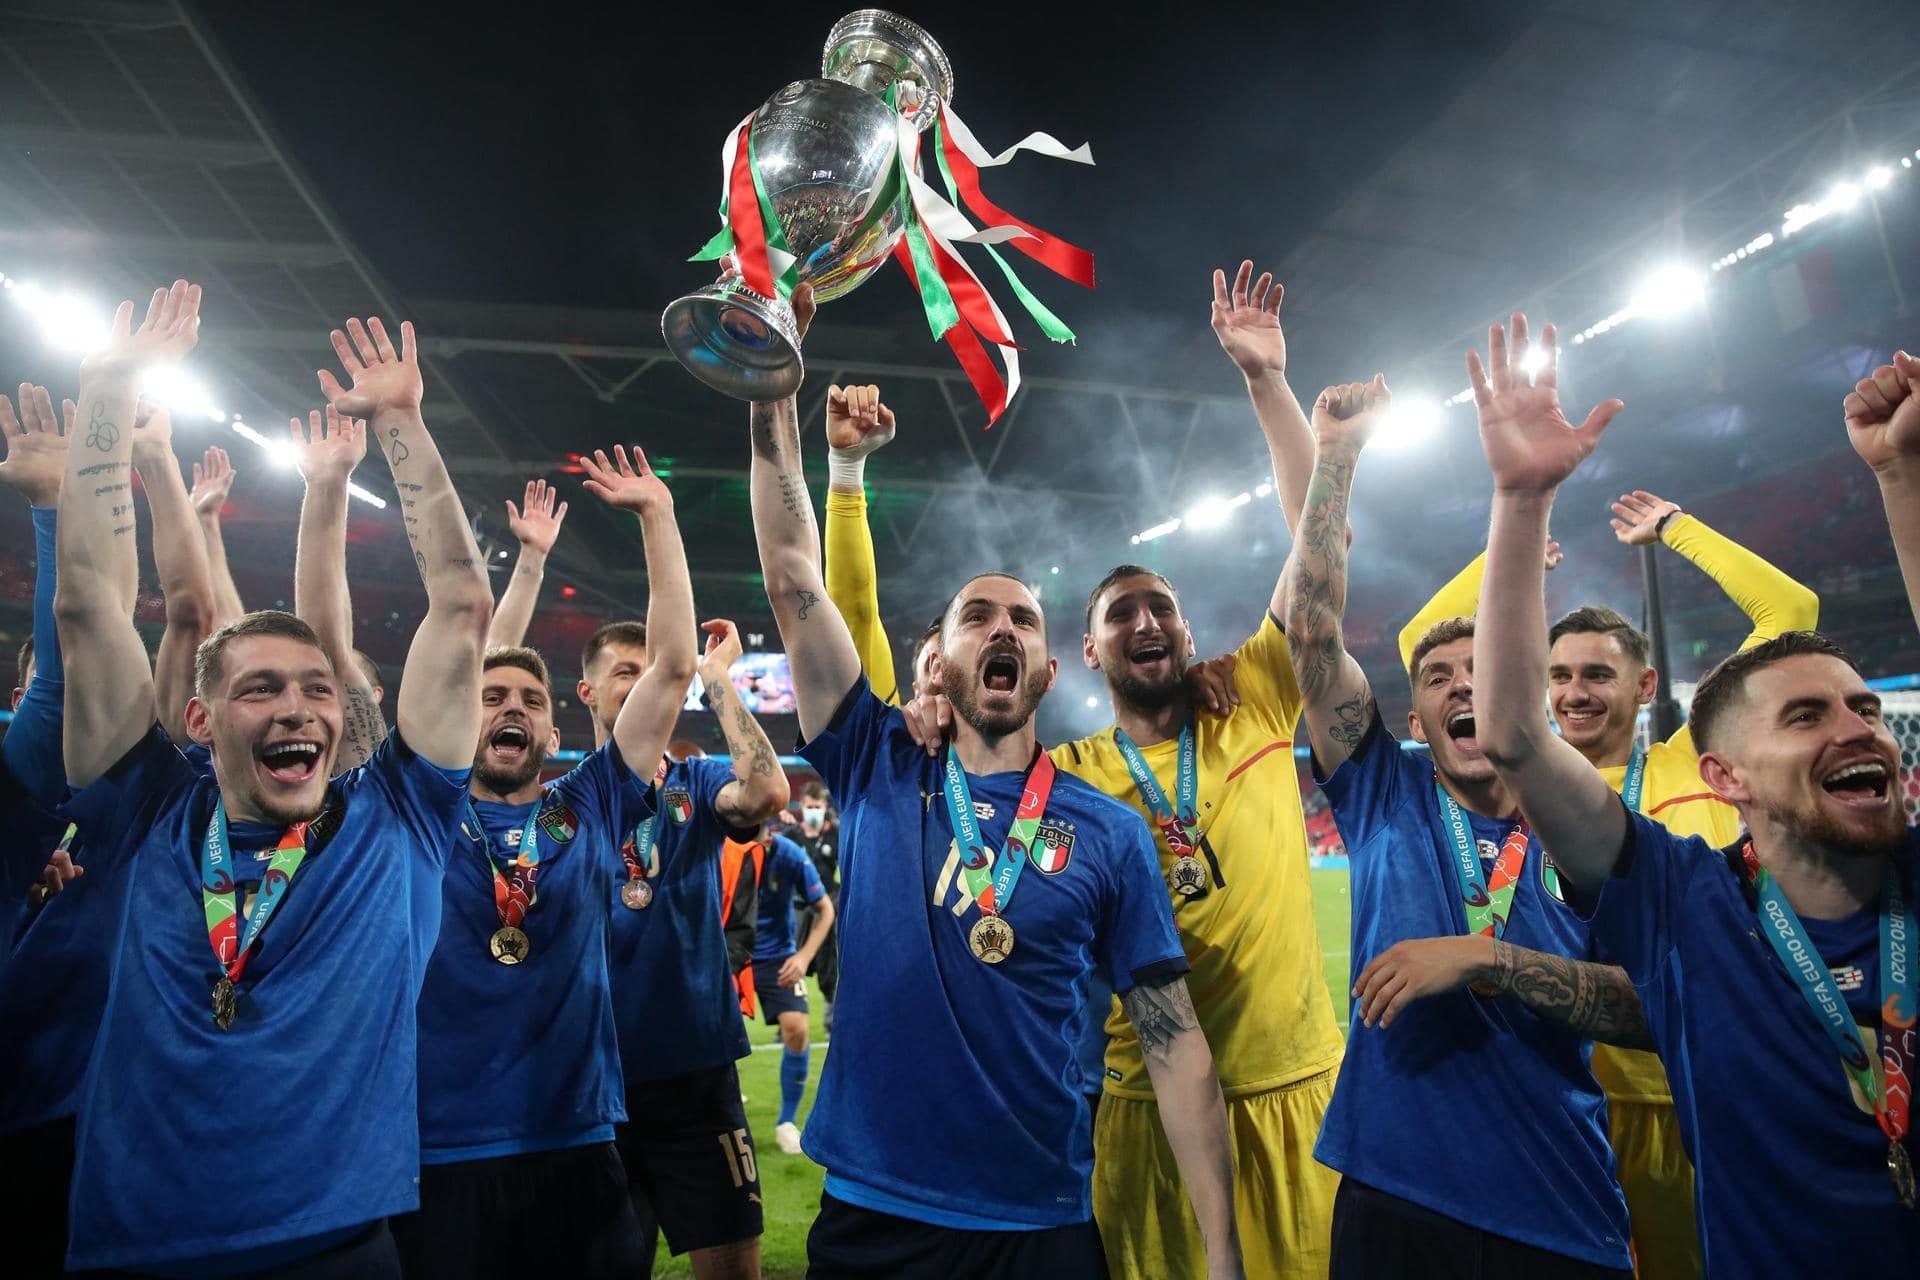 «It's coming Rome»: Italien feiert rauschende Titel-Party Fußball-Europameisterschaft